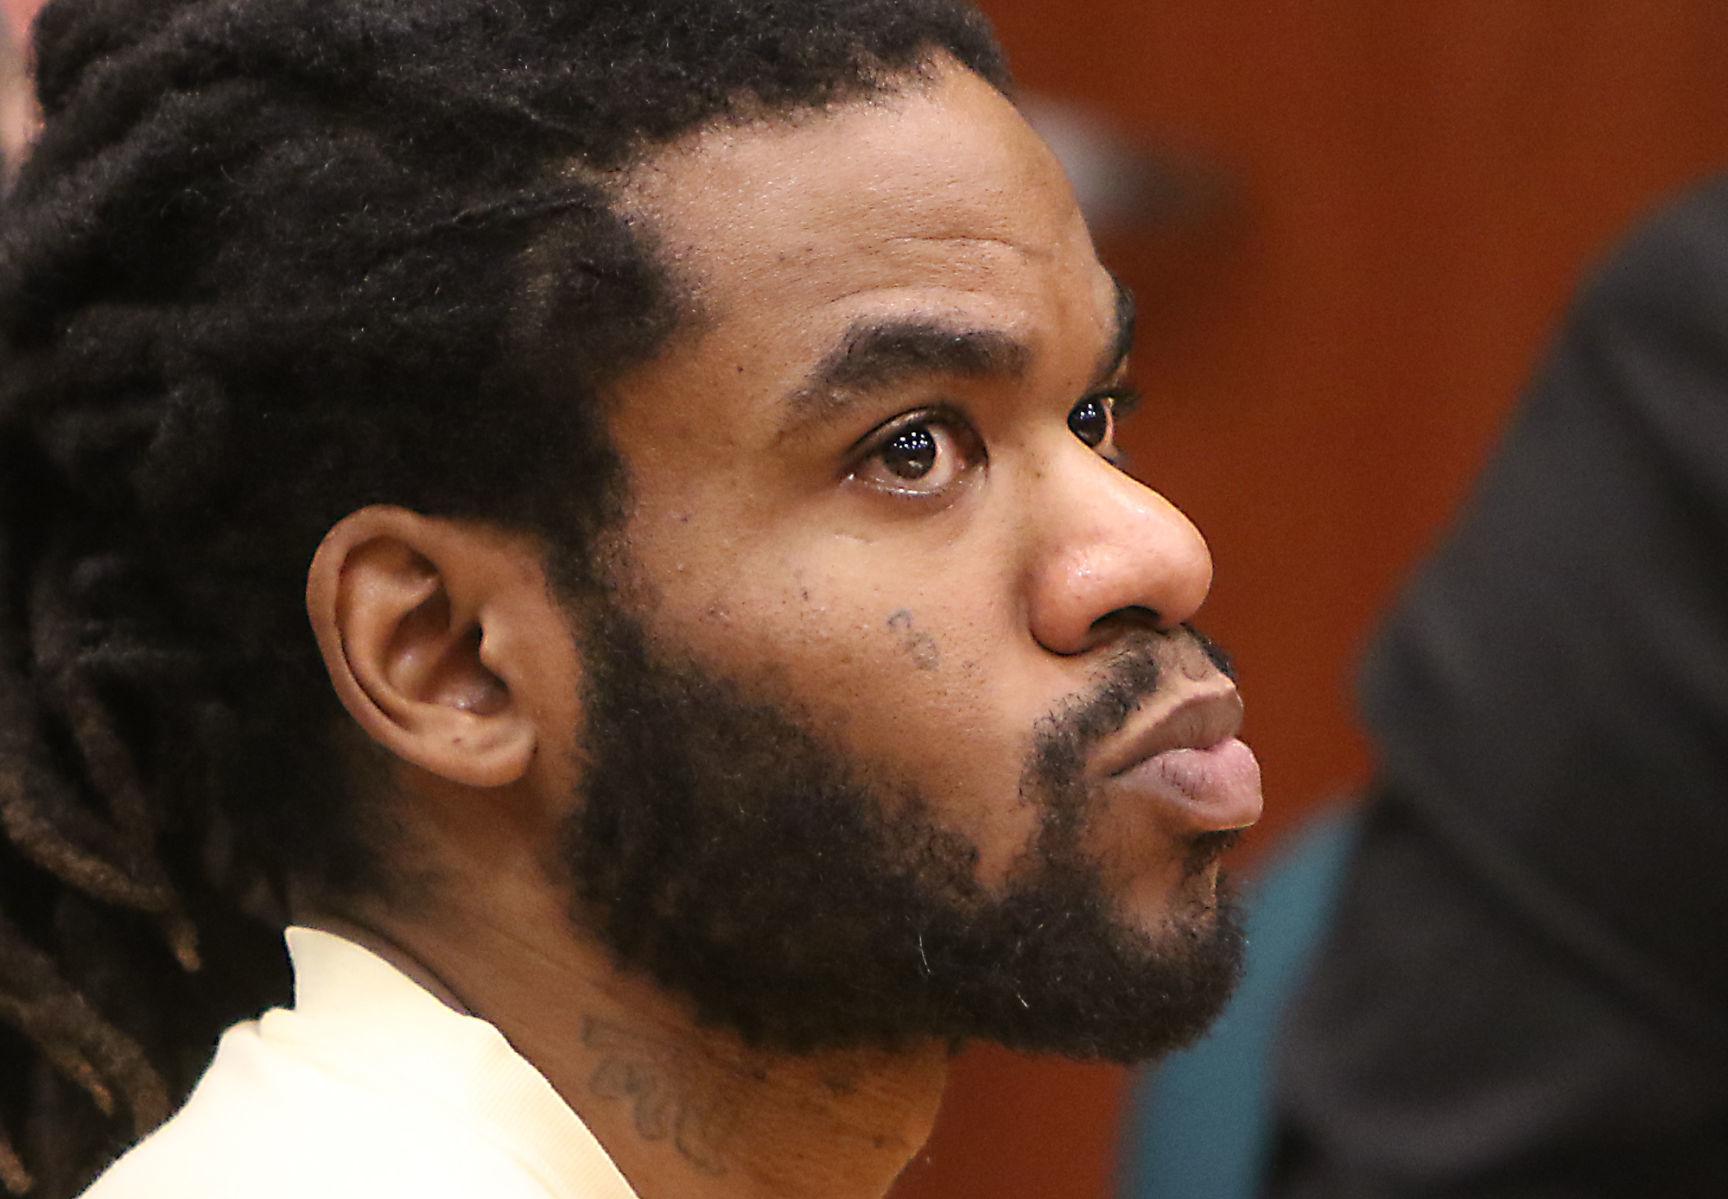 Prosecutors seek death penalty for Boise's mass stabbing suspect | Idaho Press